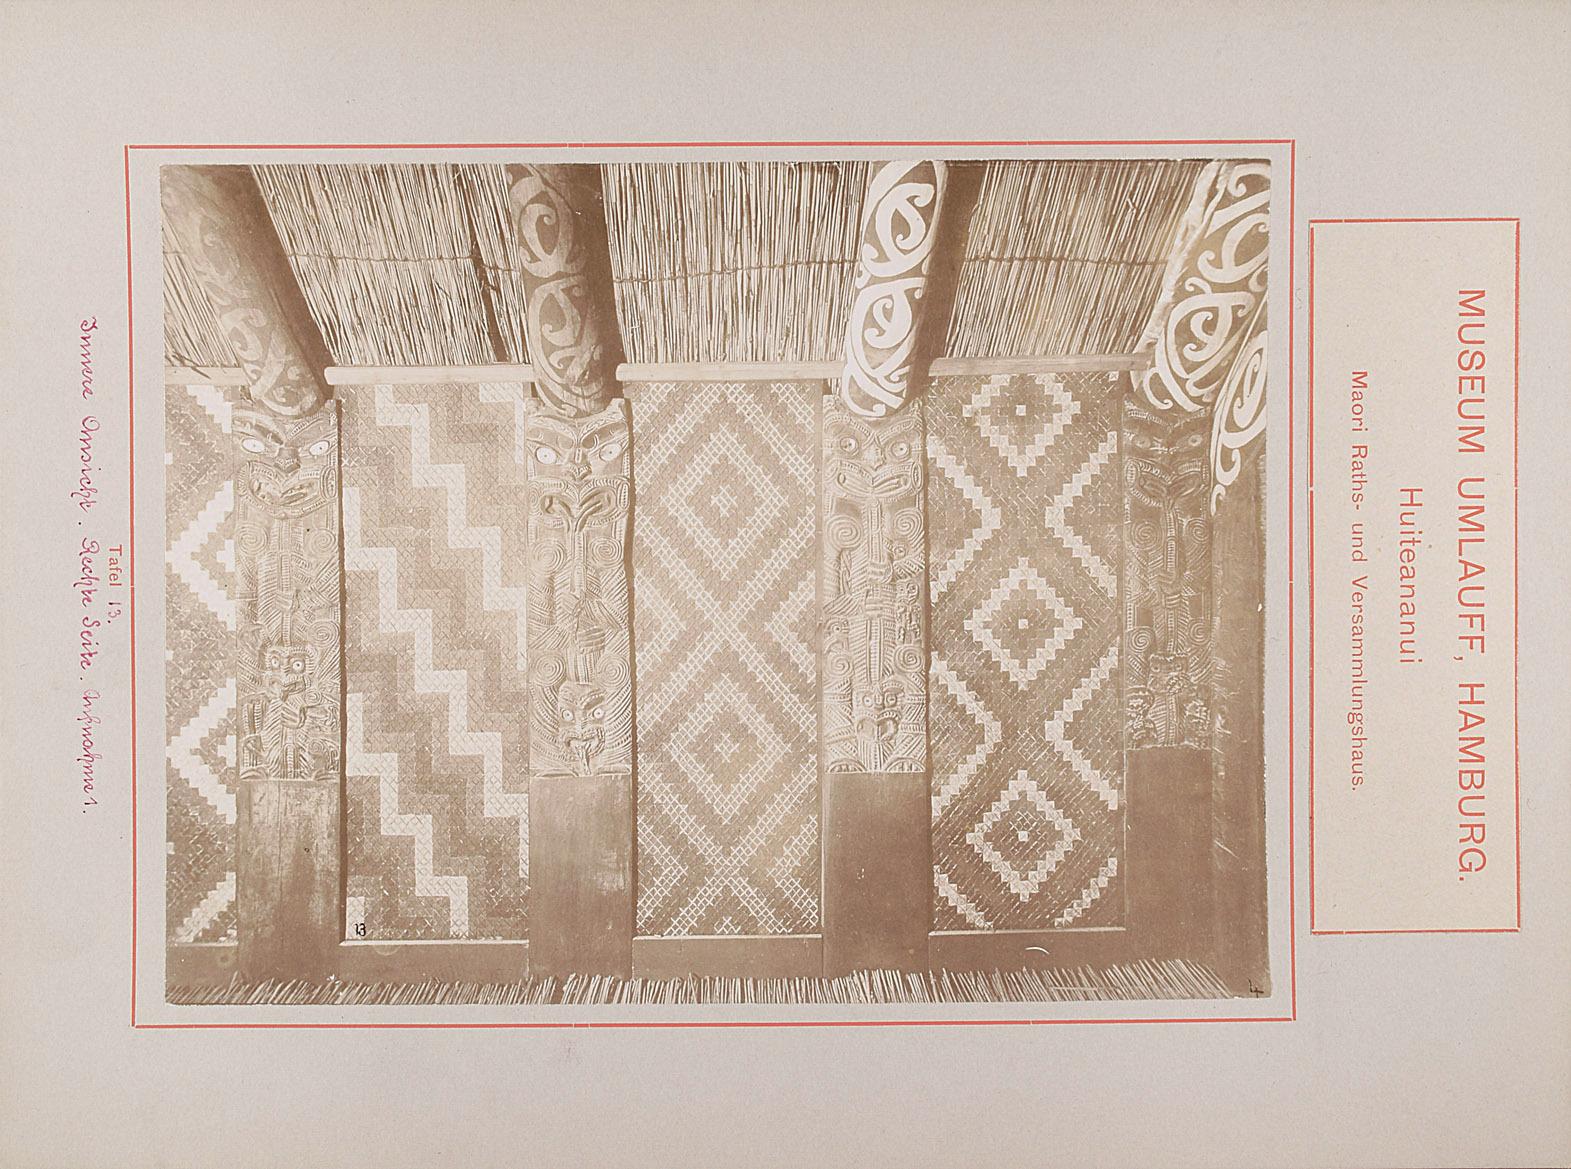 Museum Umlauff, Hamburg. Huiteananui, Maori Raths- und Versammlungshaus: Tafel 13. Innere Ansicht, Rechte Seite, Aufnahme 1 von anonym